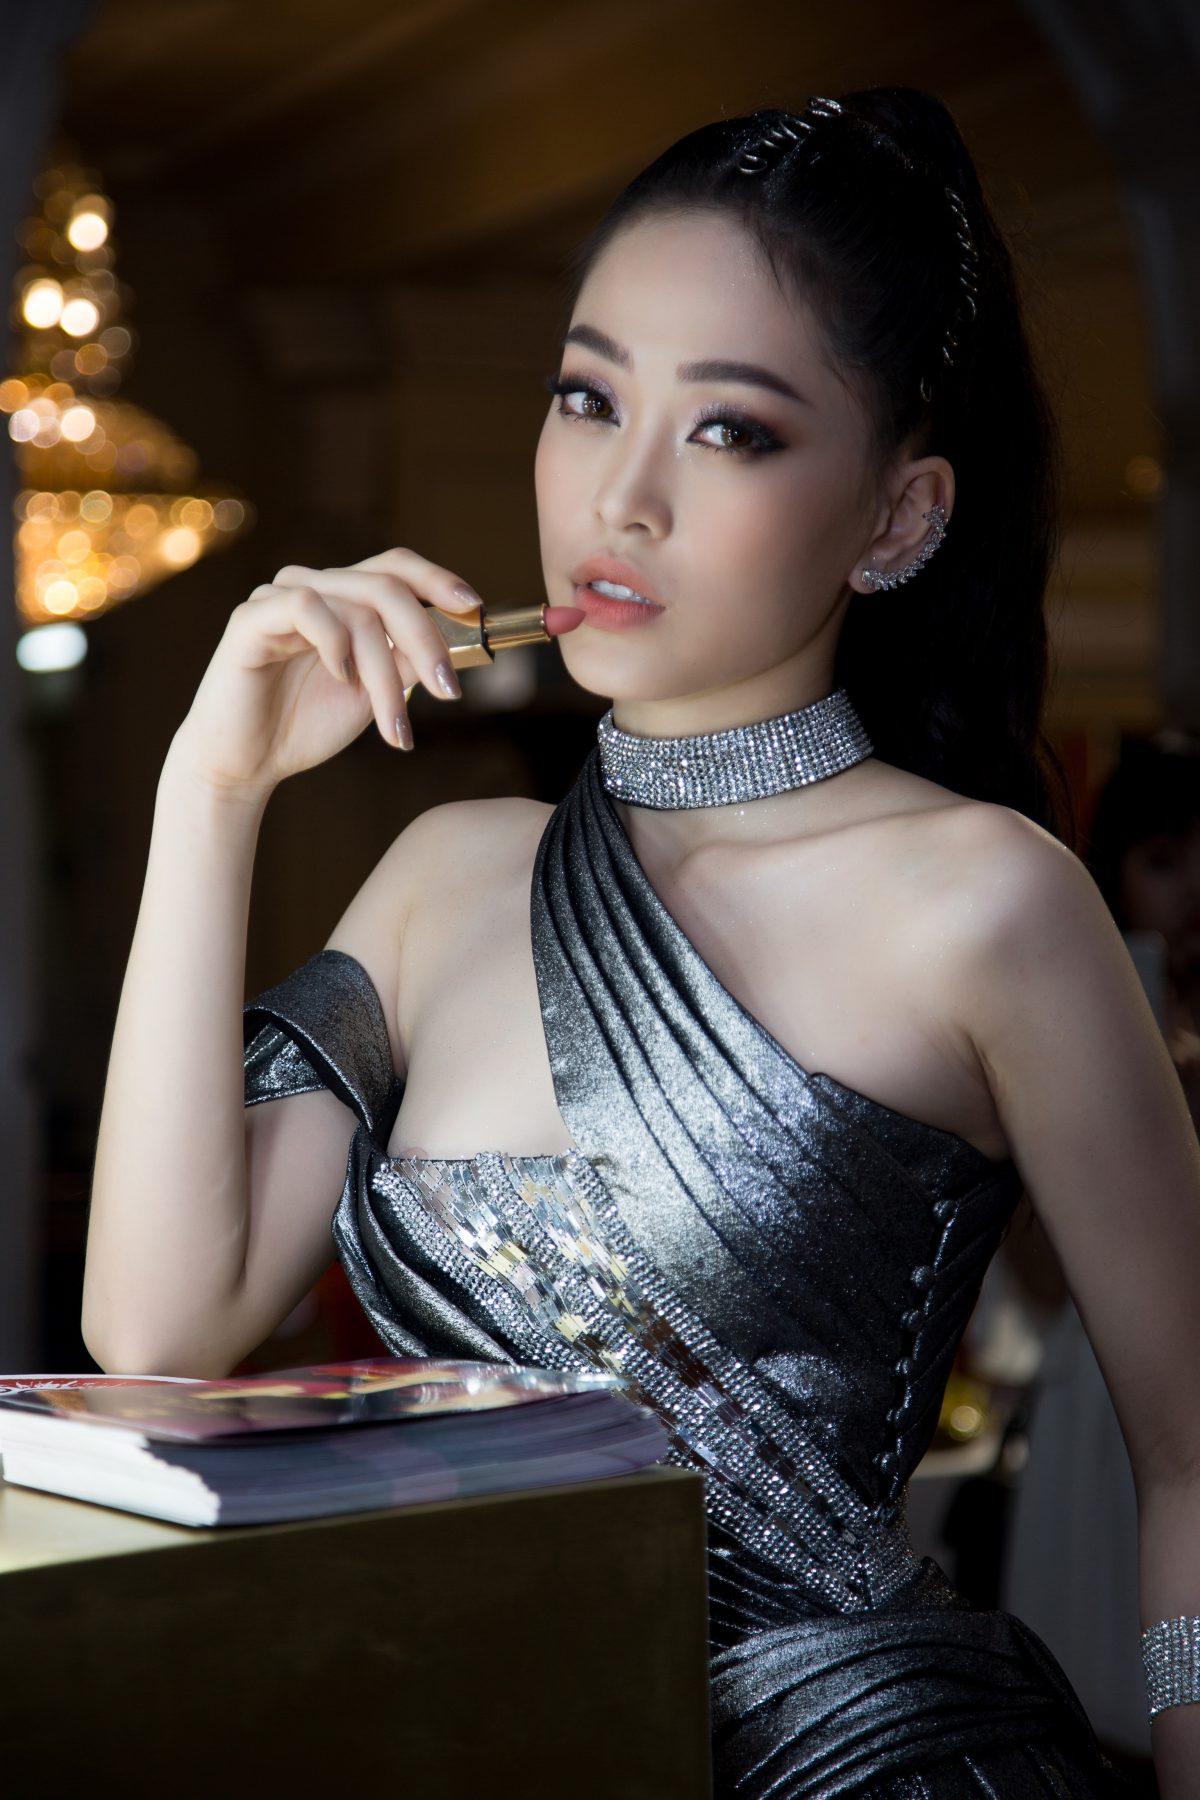 Son môi 2BE – Chinh phục sự khó tính của các Hoa Hậu, người đẹp Việt